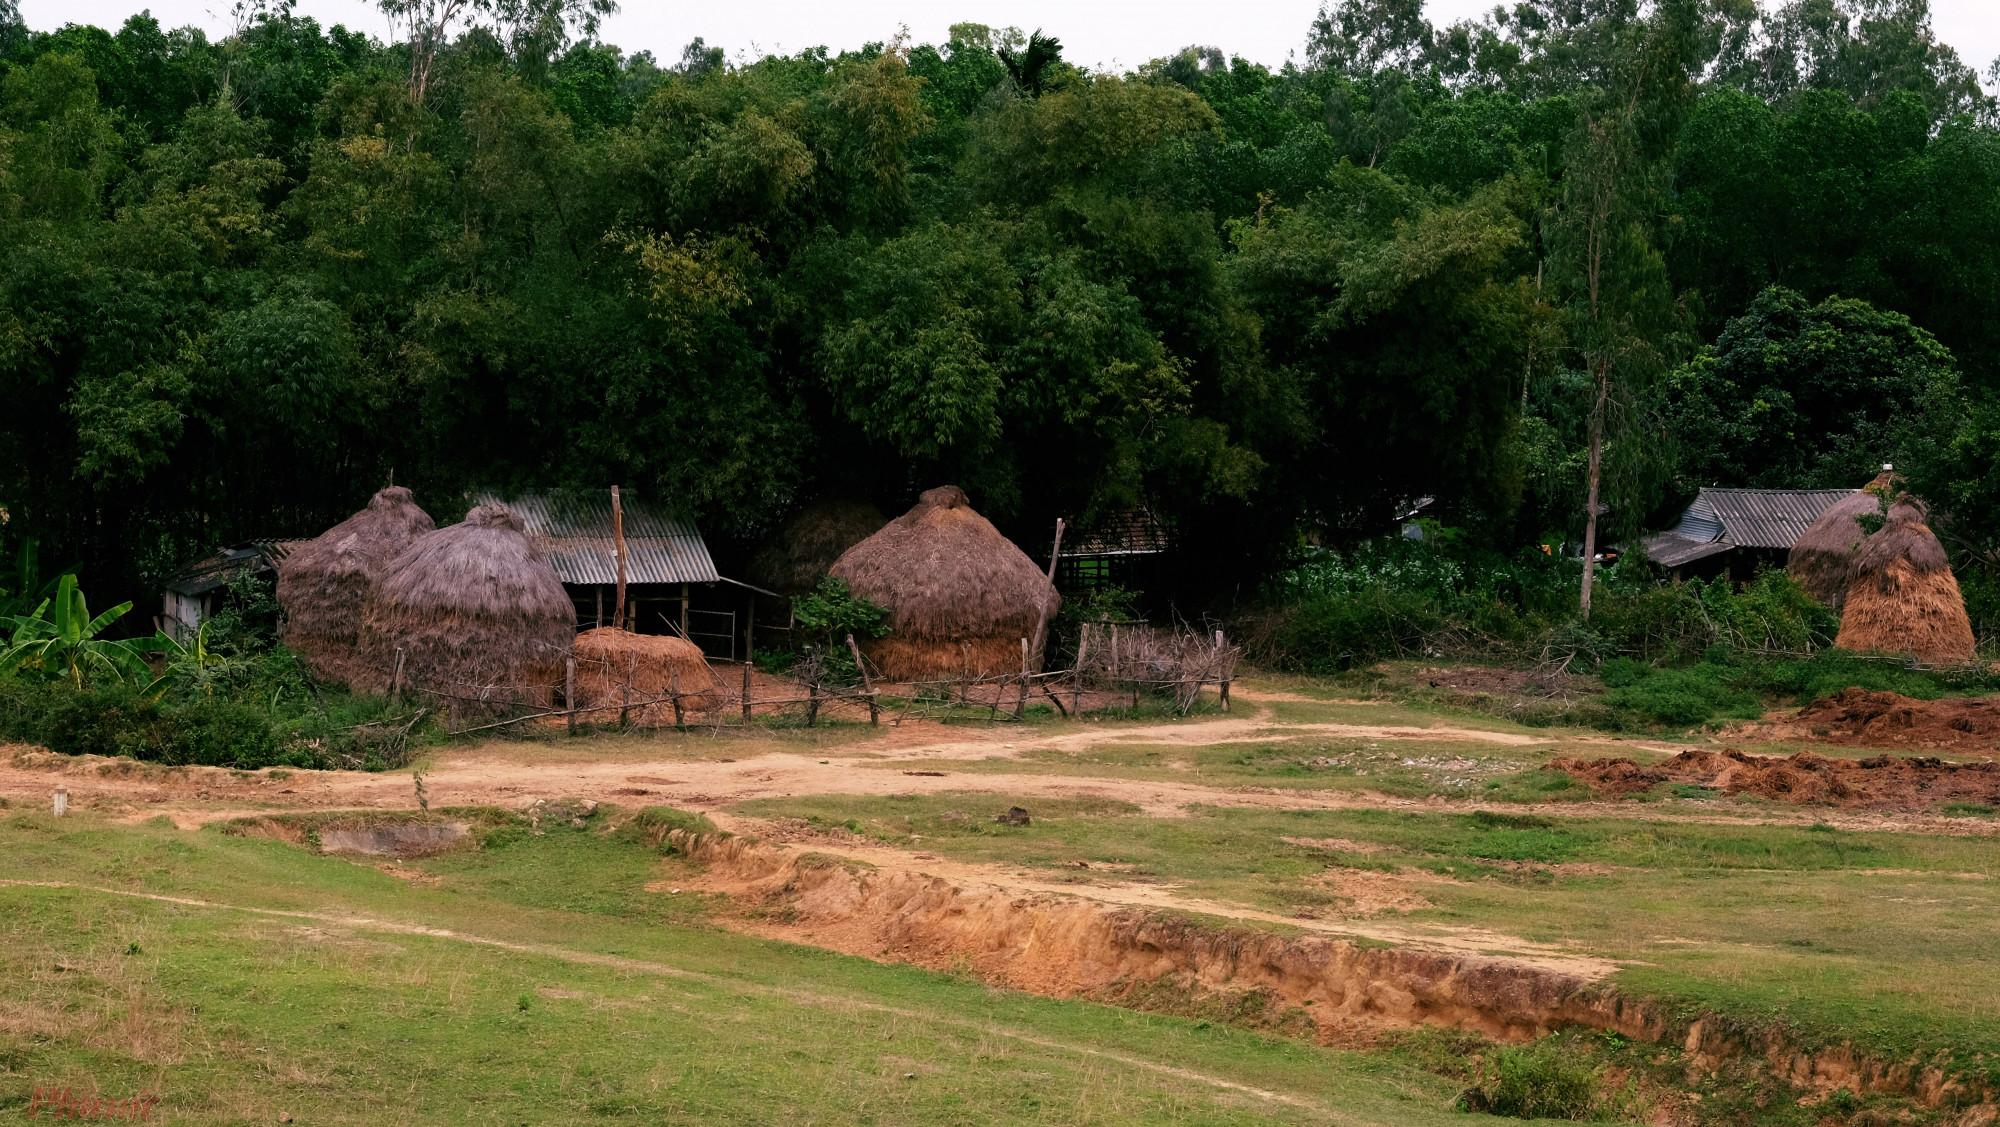 Một ngôi nhà ''điển hình'' cho cảnh làng quê miền trung từ khoảng 20 năm trước, hiện đã trở thành ''của hiếm''.